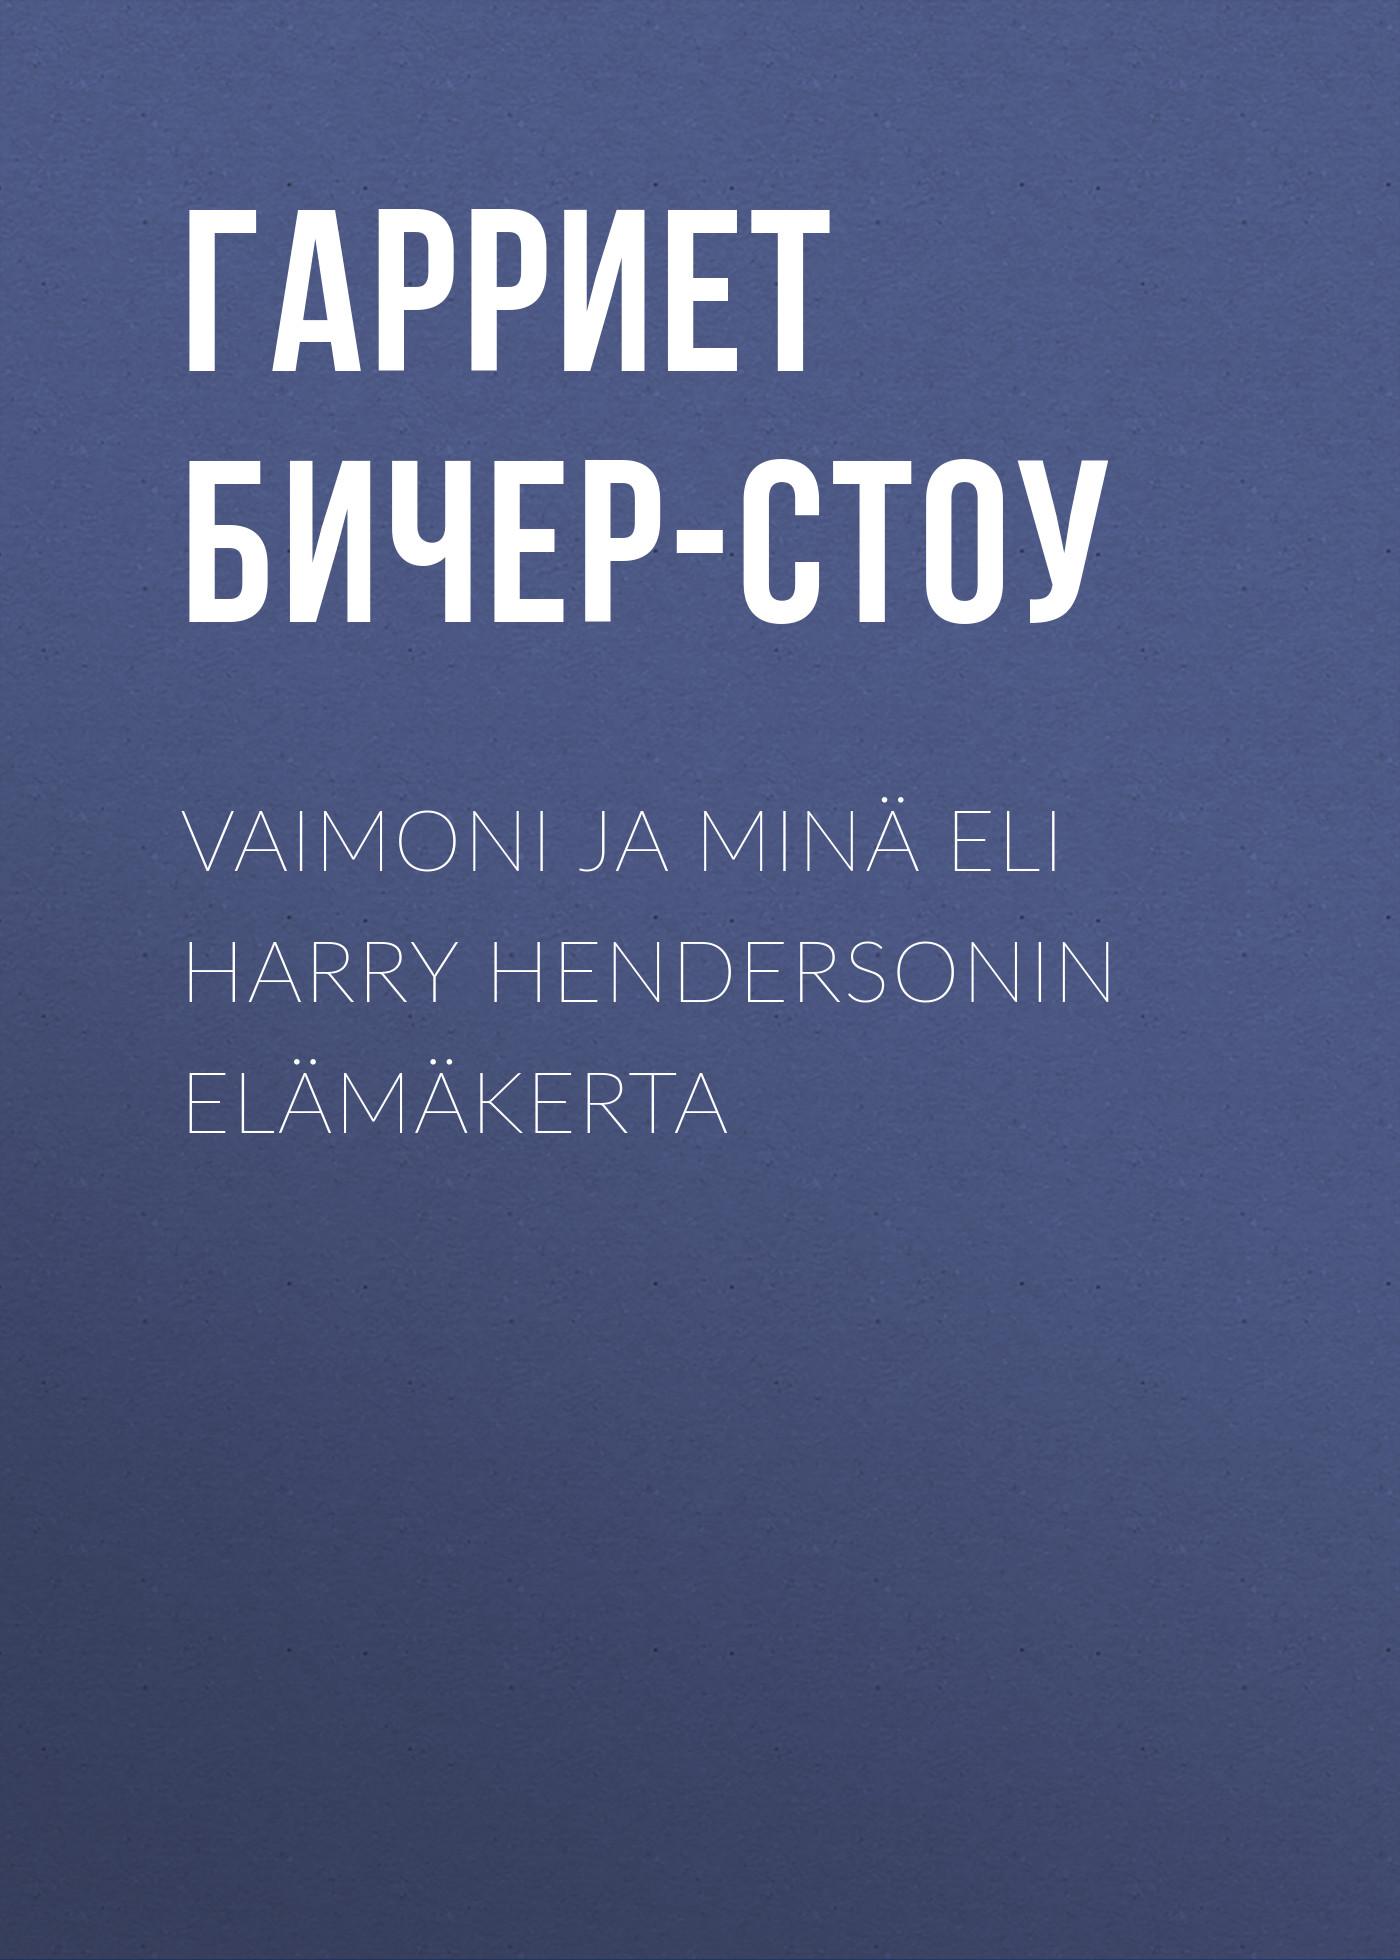 Гарриет Бичер-Стоу Vaimoni ja minä eli Harry Hendersonin elämäkerta